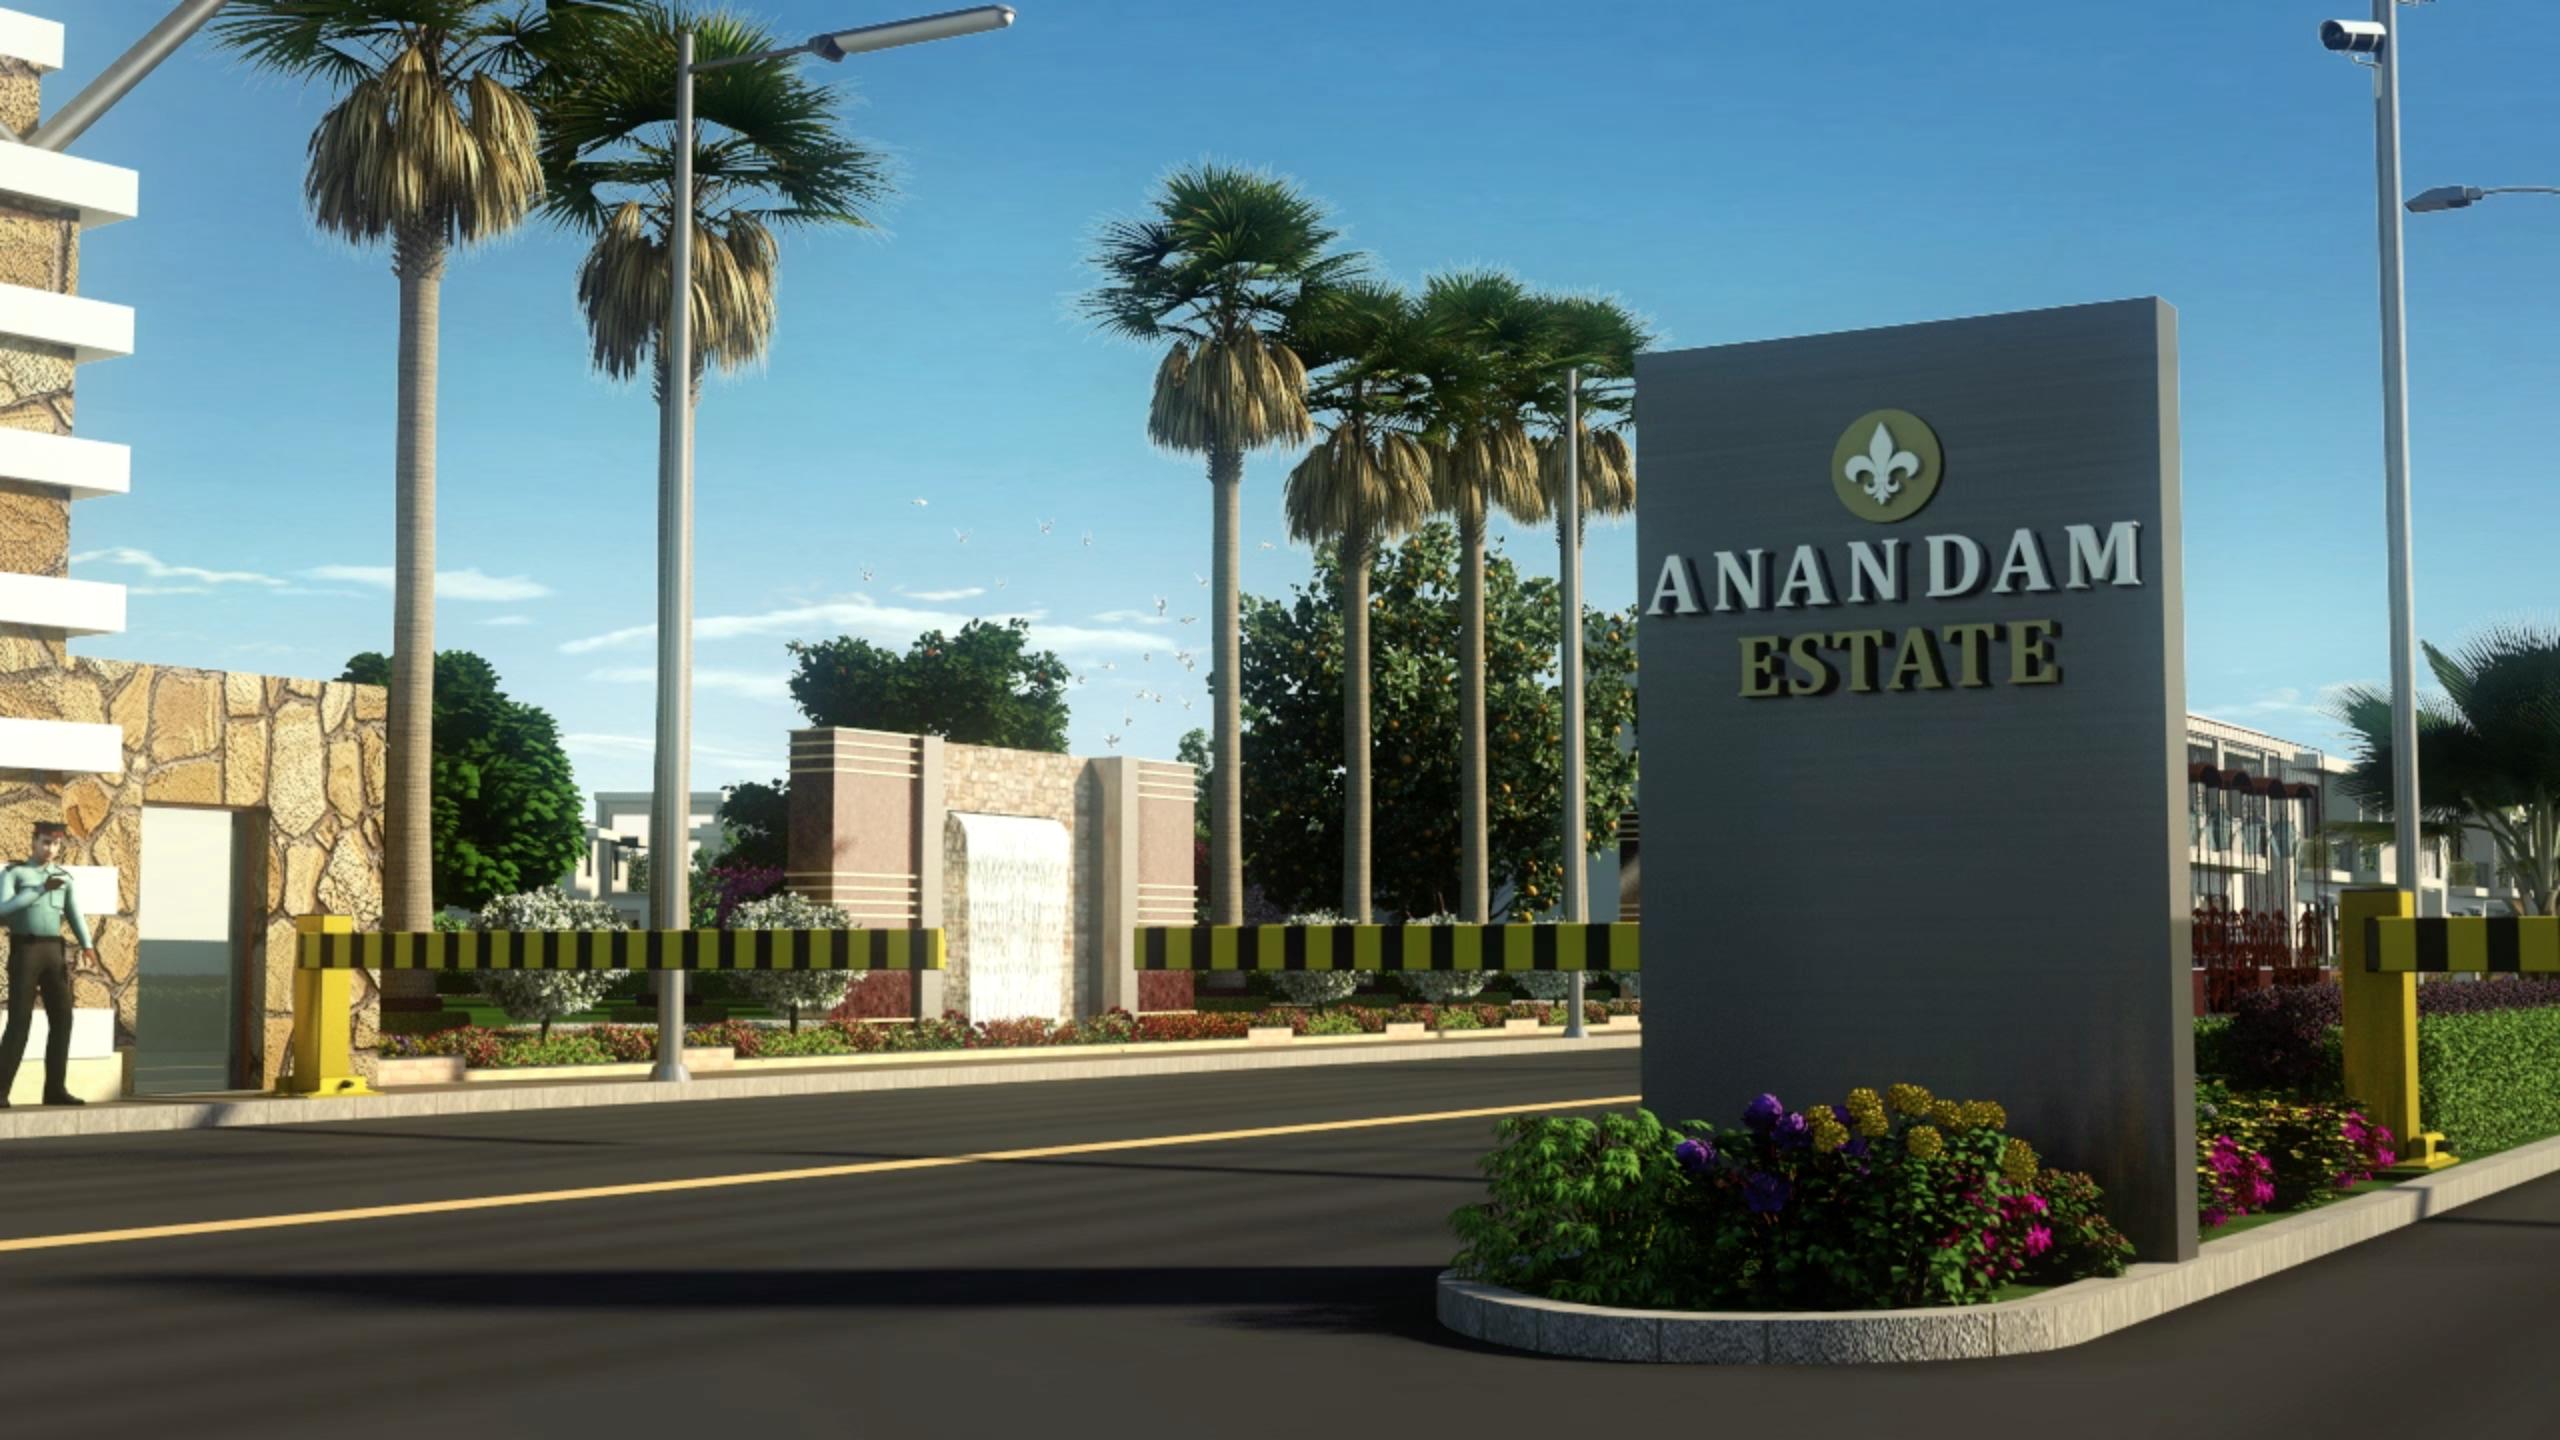 Anandam Estate1